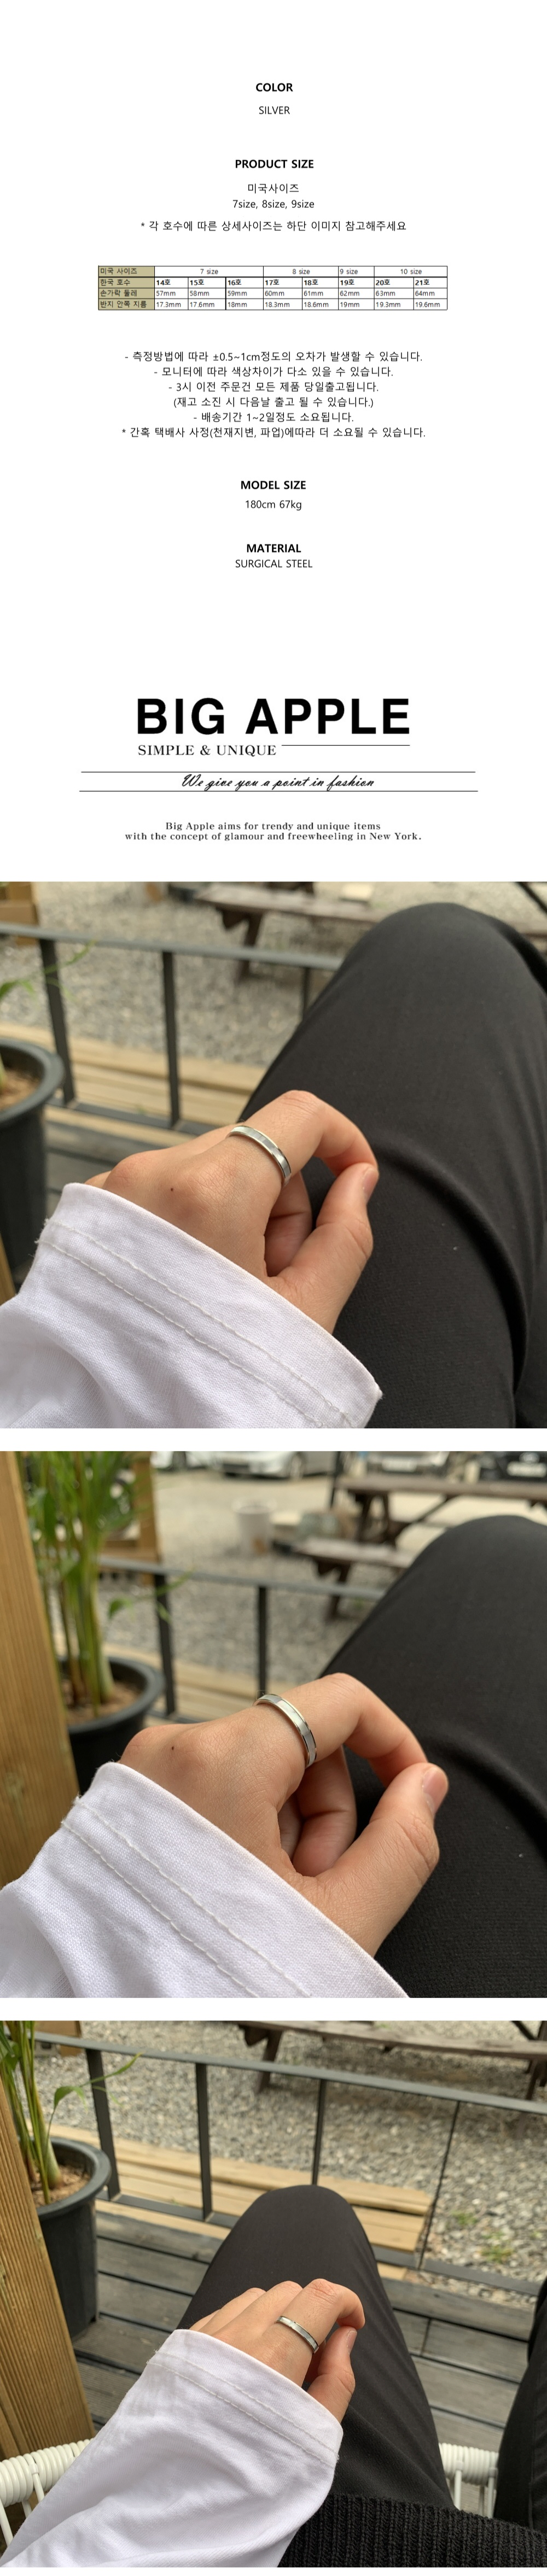 남자 반지 자개 실버 써지컬스틸 fancy - 빅애플, 30,000원, 남성주얼리, 반지